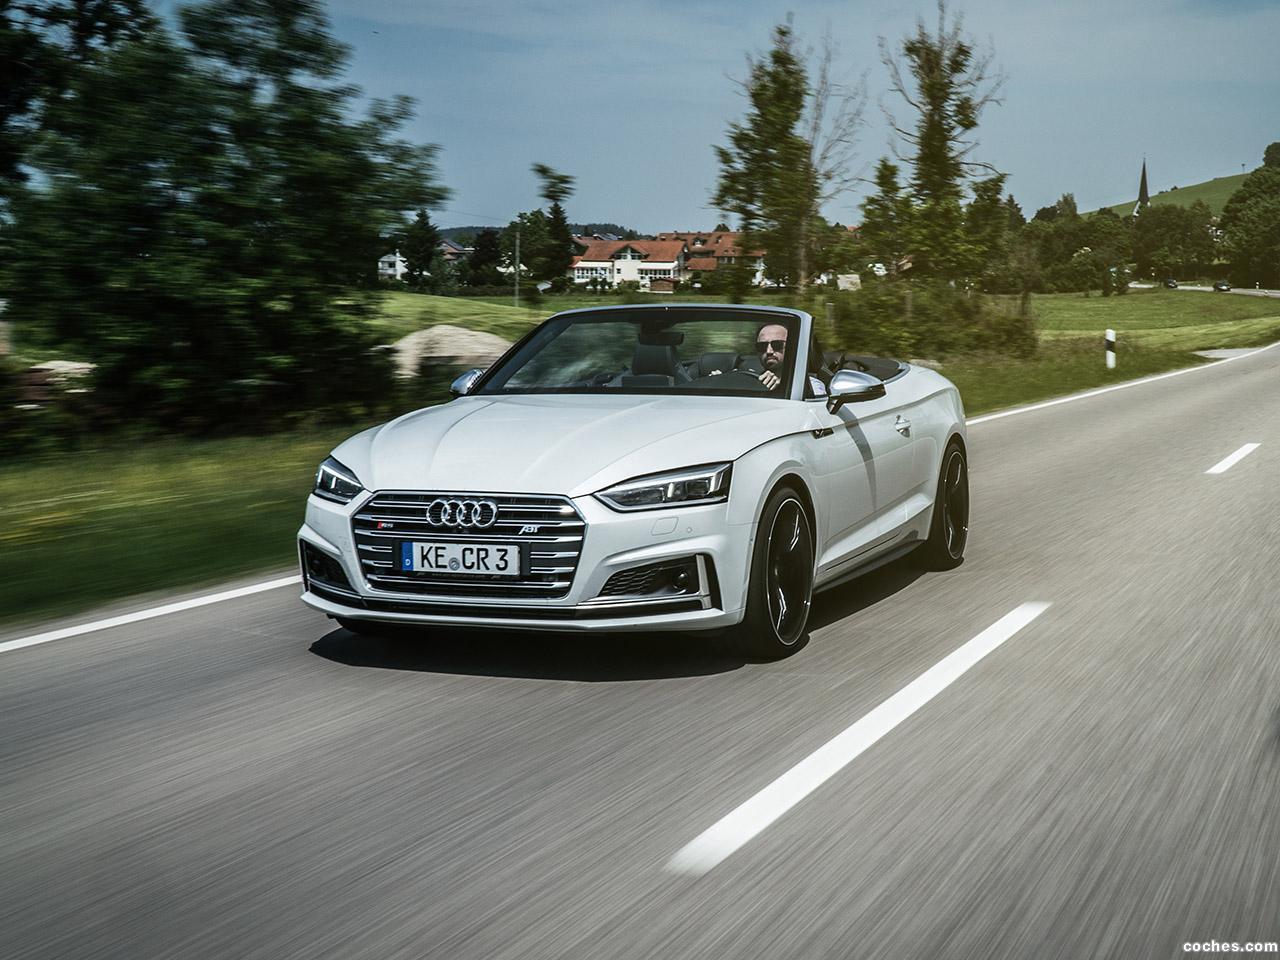 Foto 0 de ABT Audi S5 Cabriolet 2017